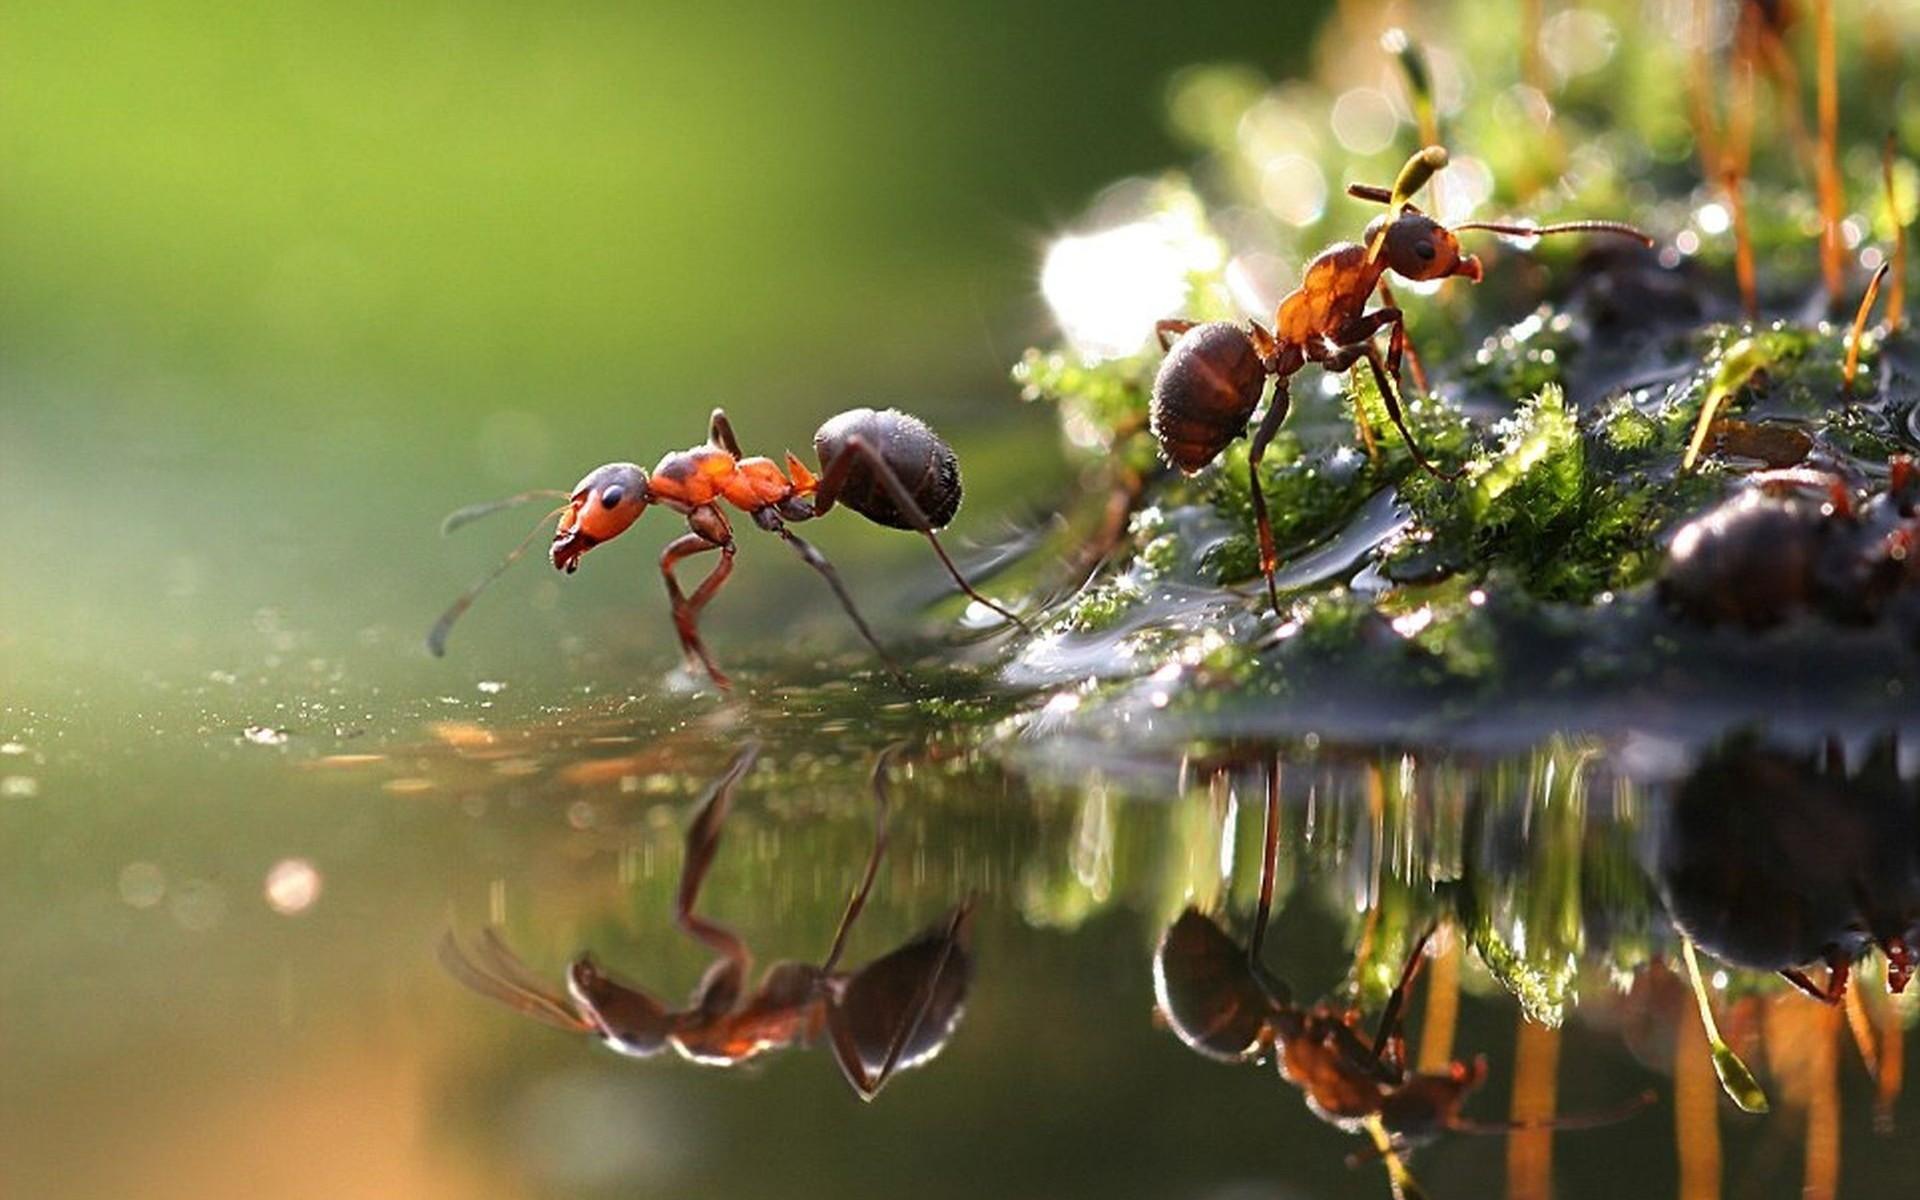 1920x1200 Animal Ant  Ant